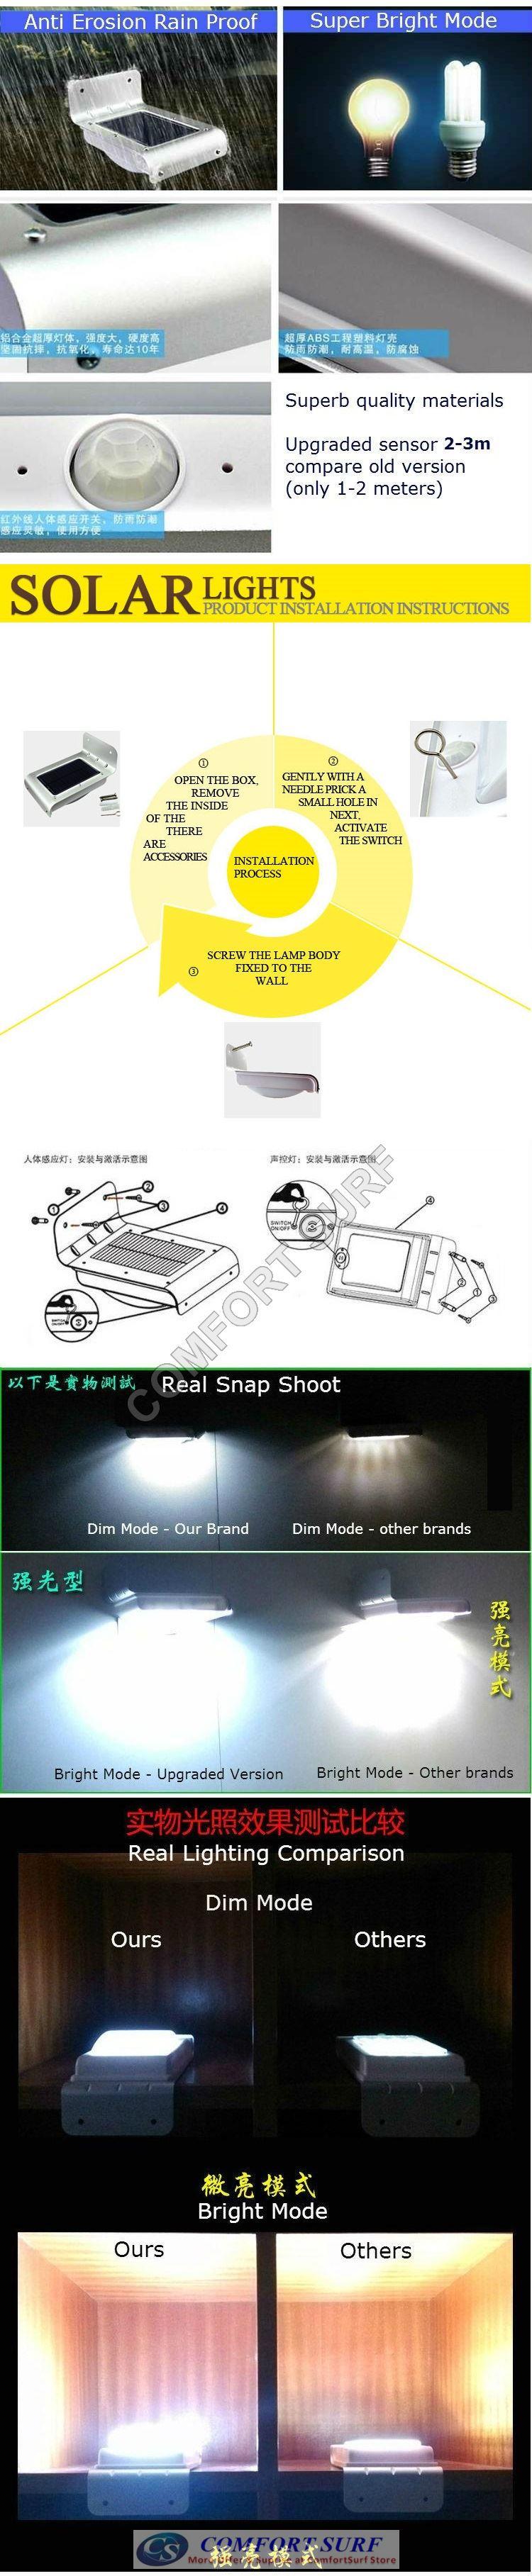 Solar Infrared Motion Sensor 16 LED Security Light Wall Mount Lamp (Dim/Dark/Light)